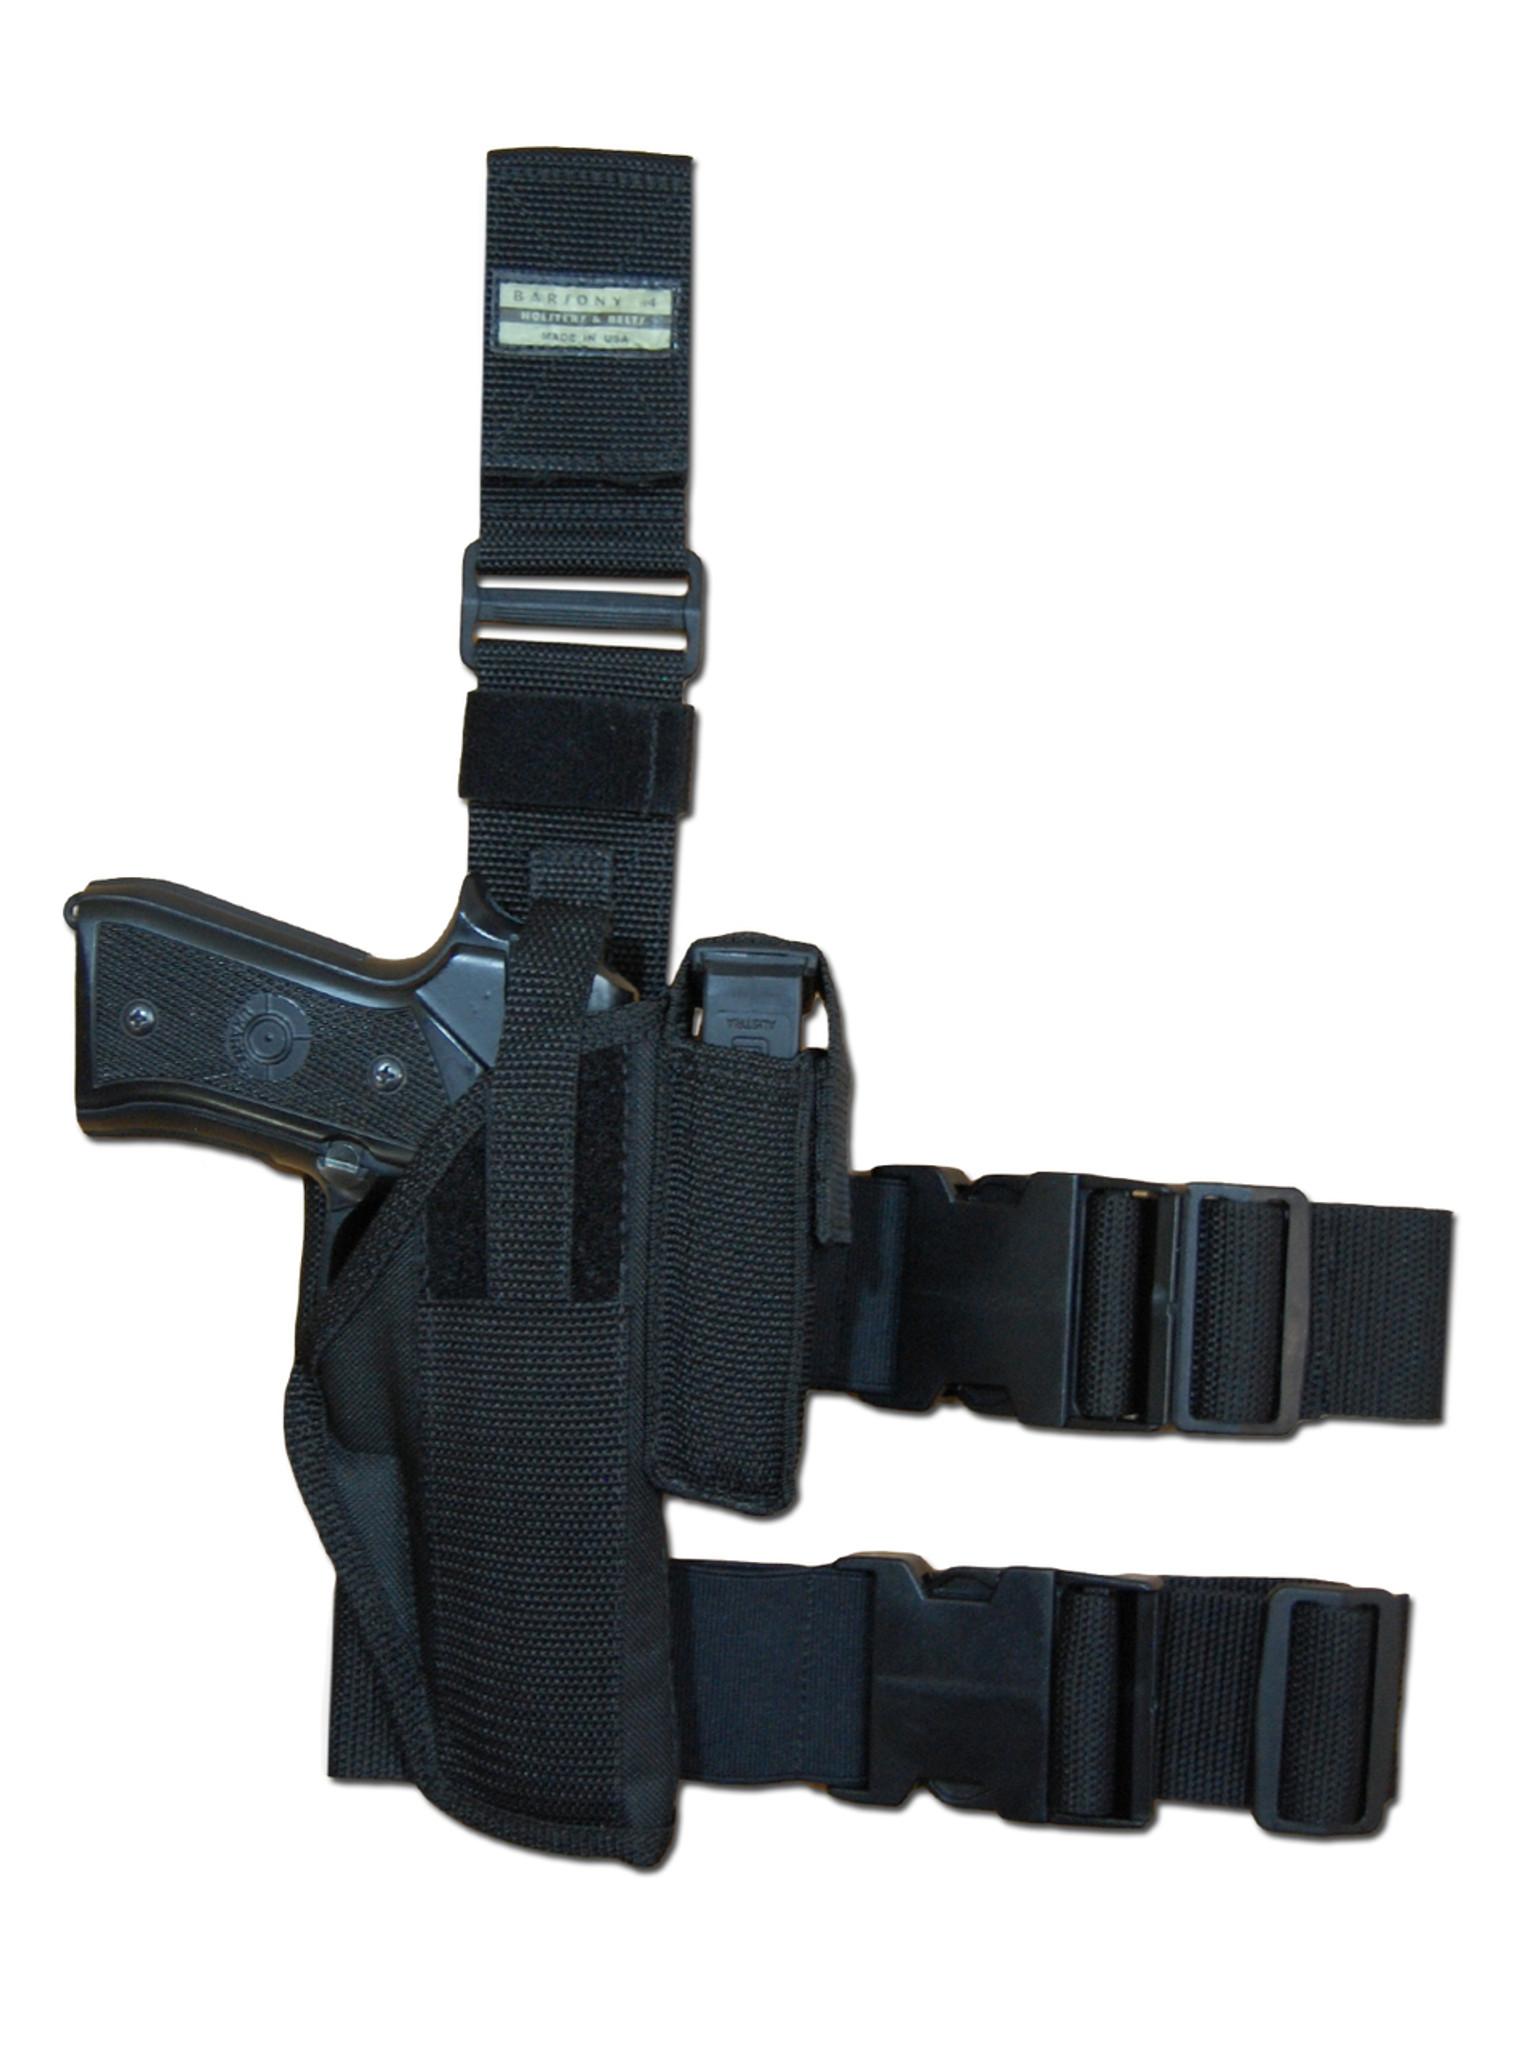 Tactical Leg Holster for Full Size 9mm 40 45 Pistols